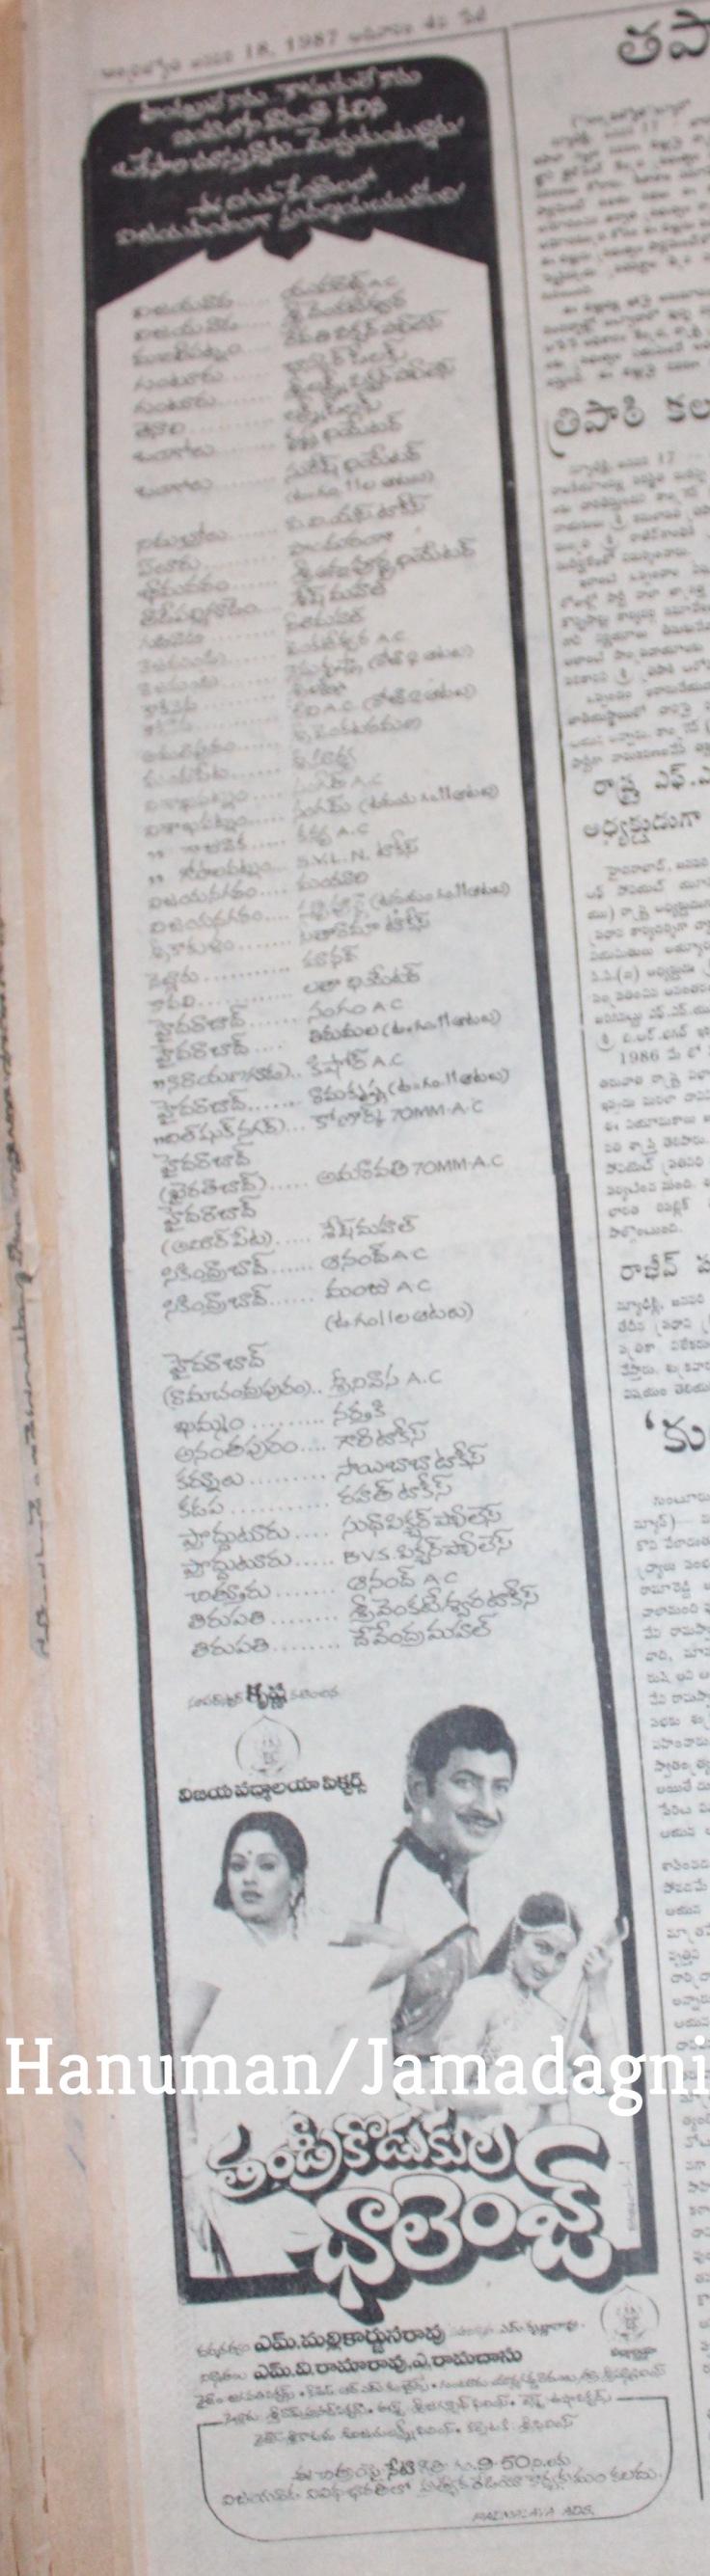 Vetapalem Third Visit - 257-2